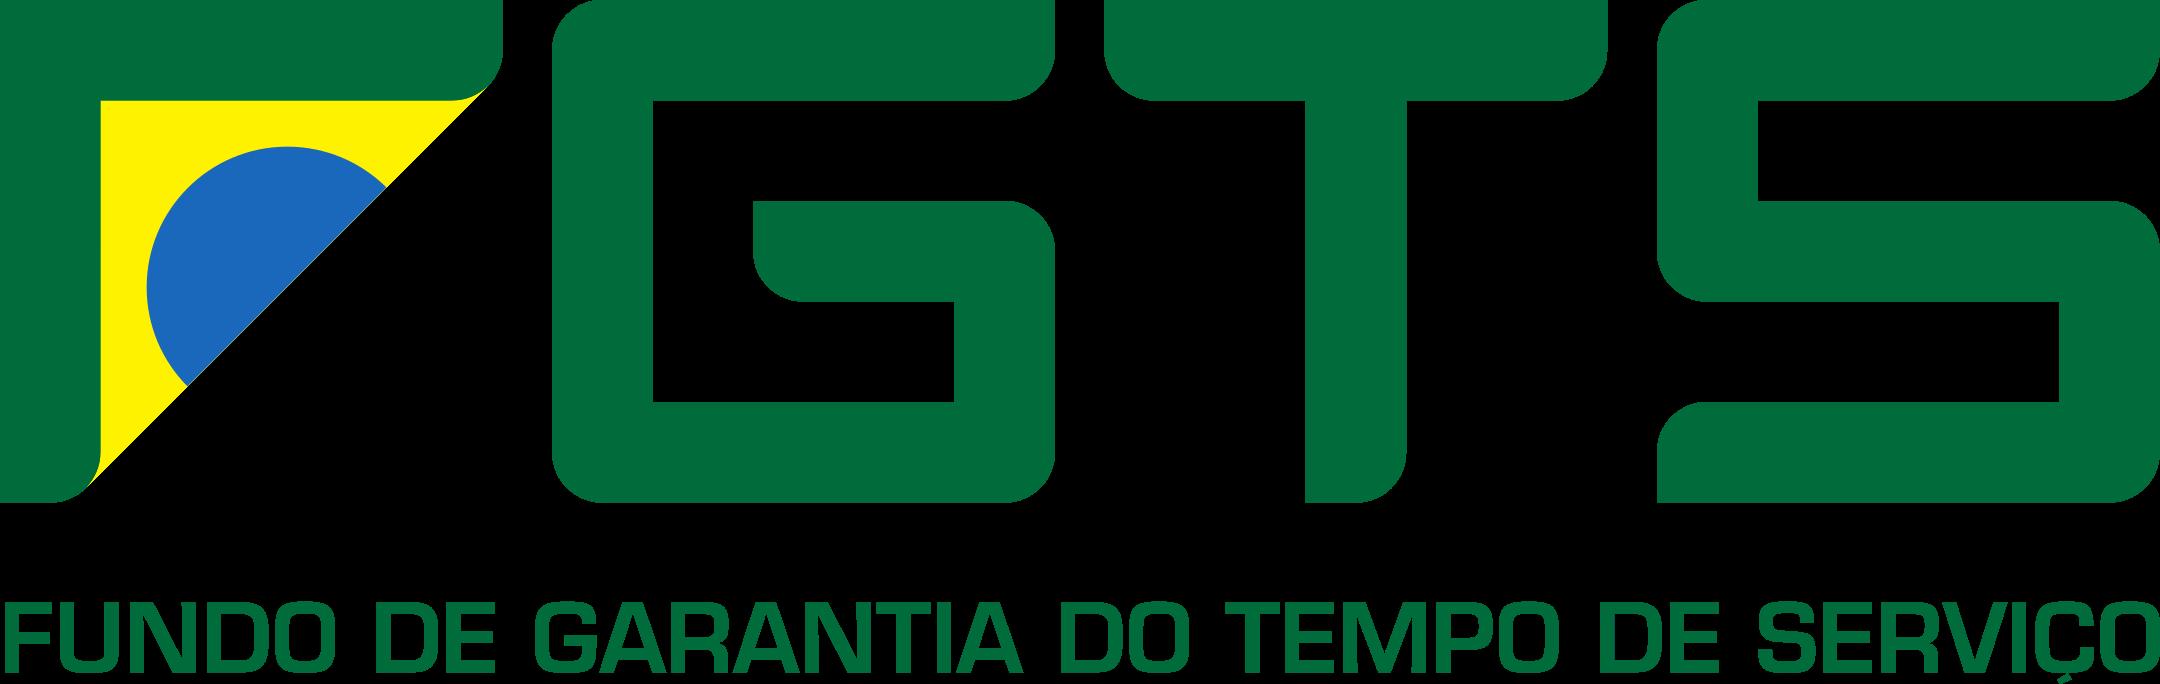 fgts logo 1 1 - FGTS Logo